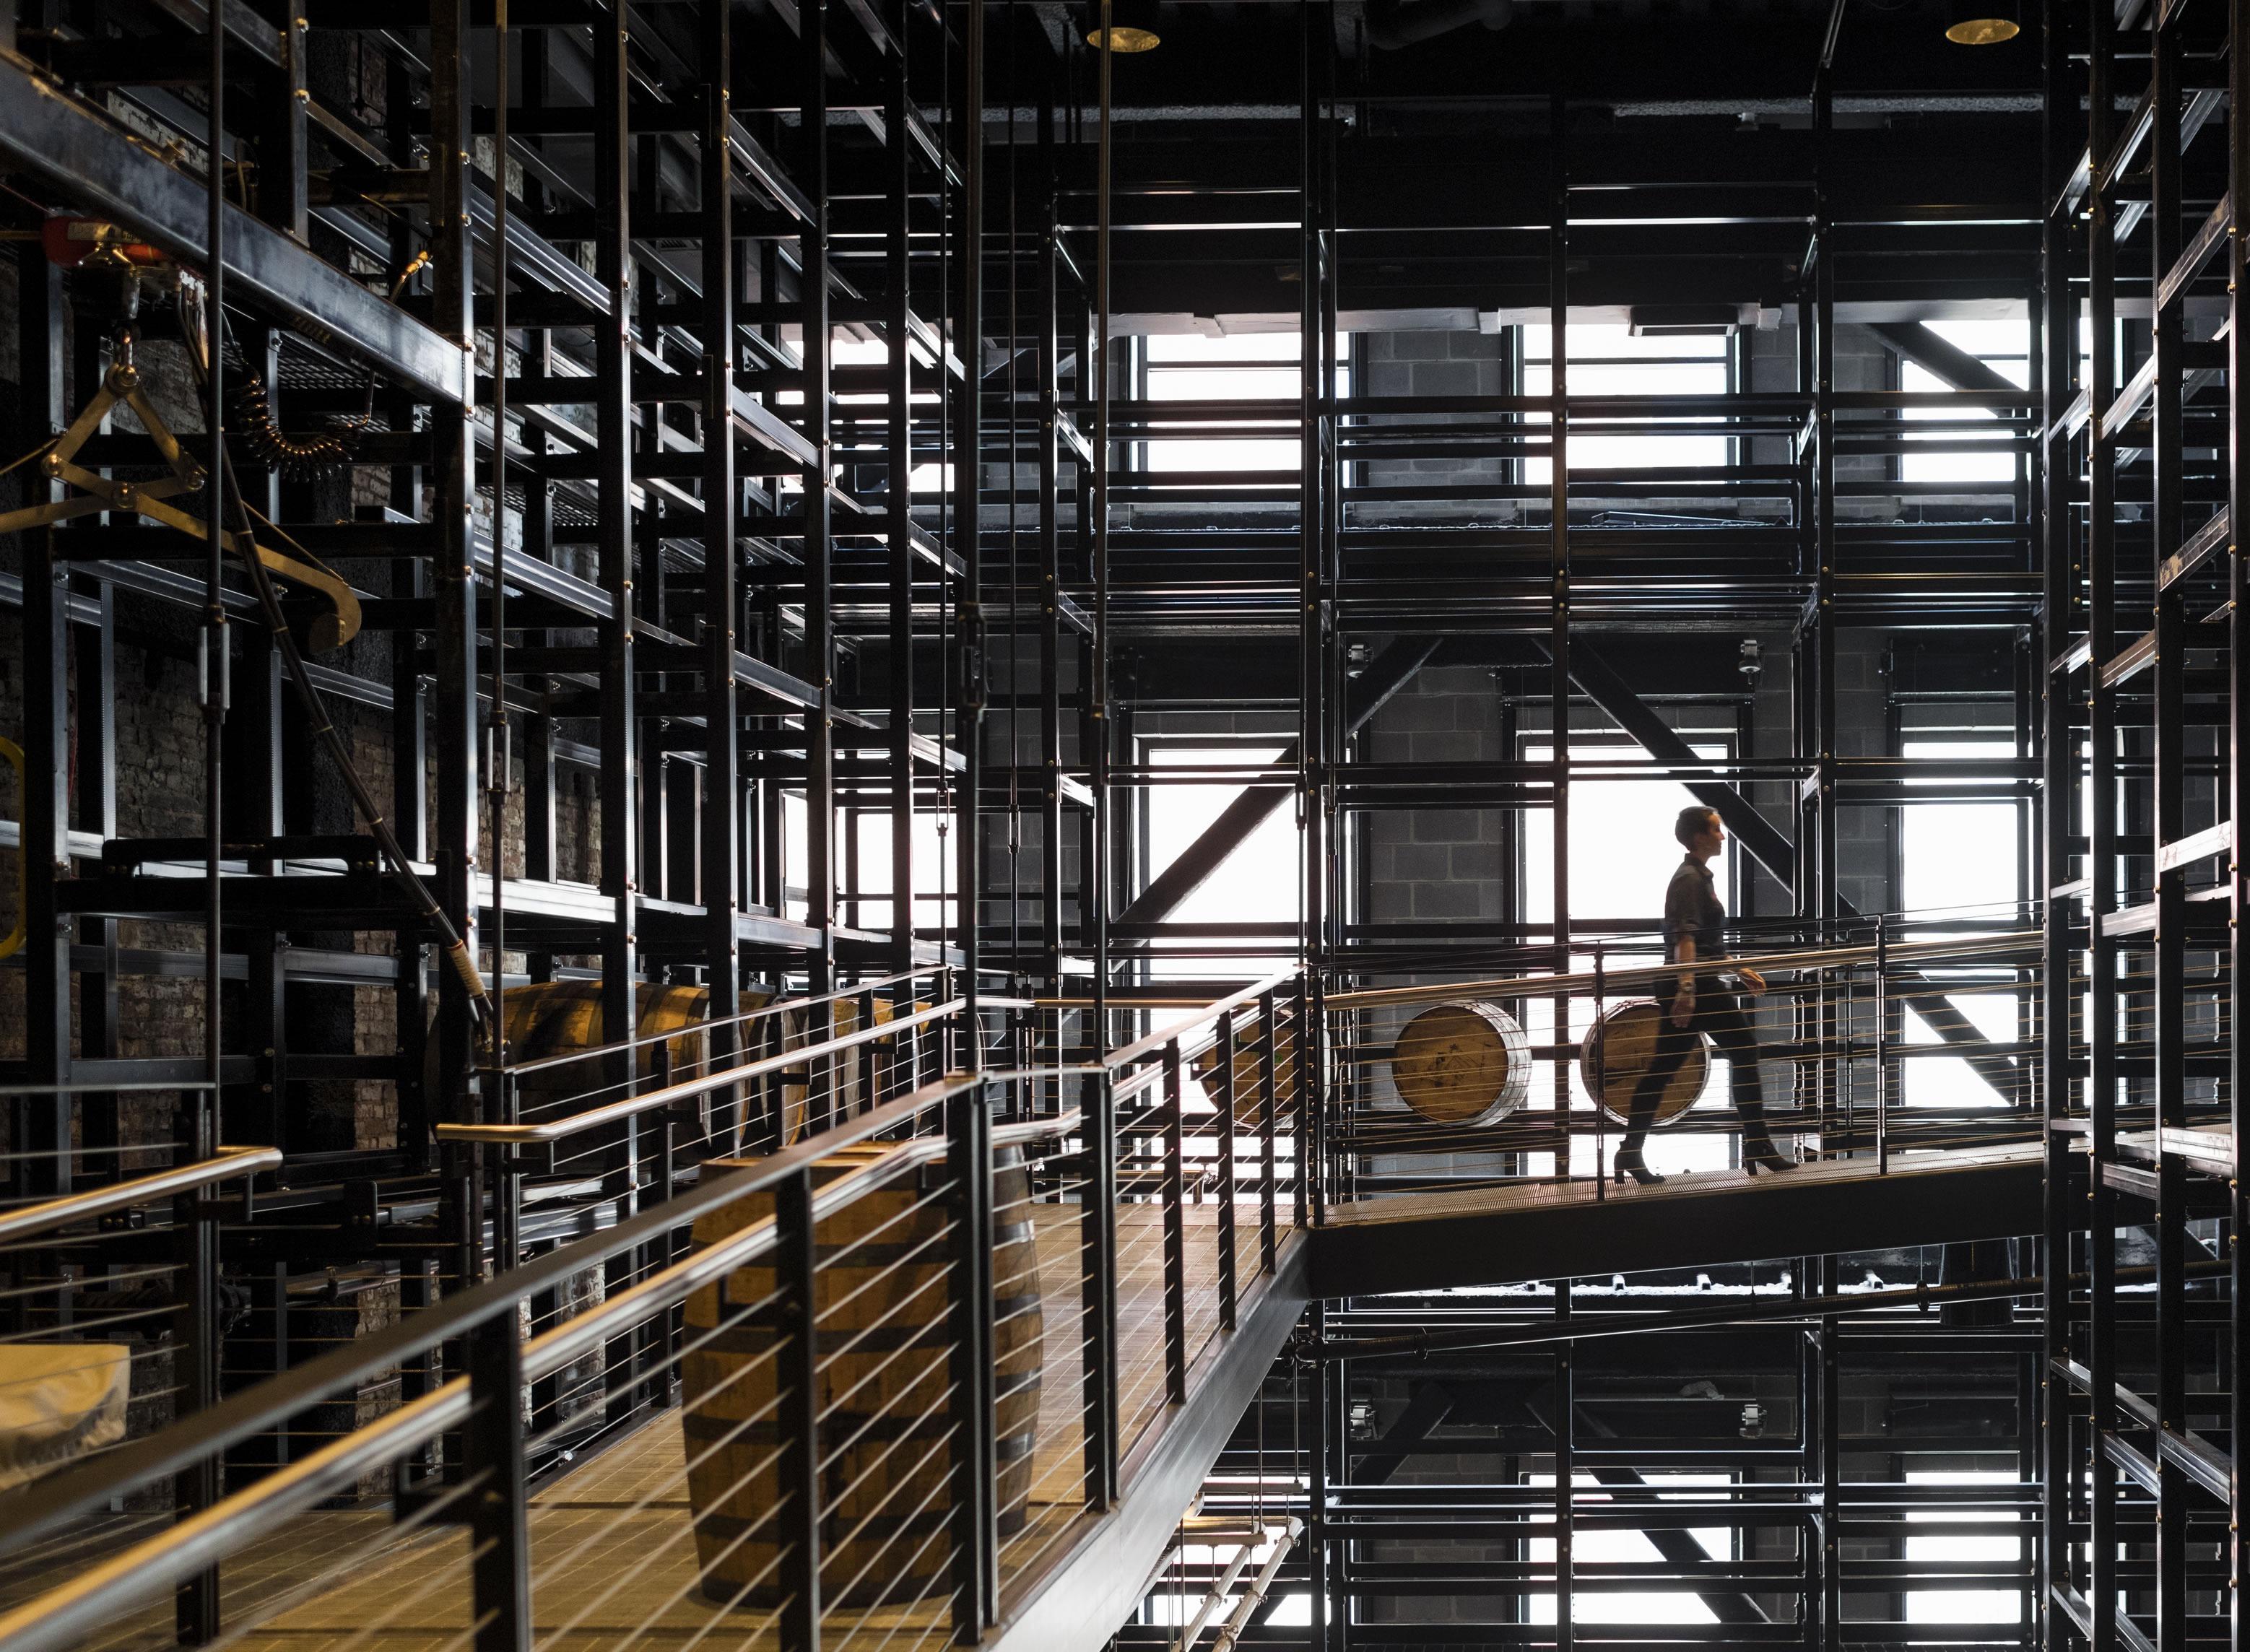 Old Forester Distilling Co. image 6